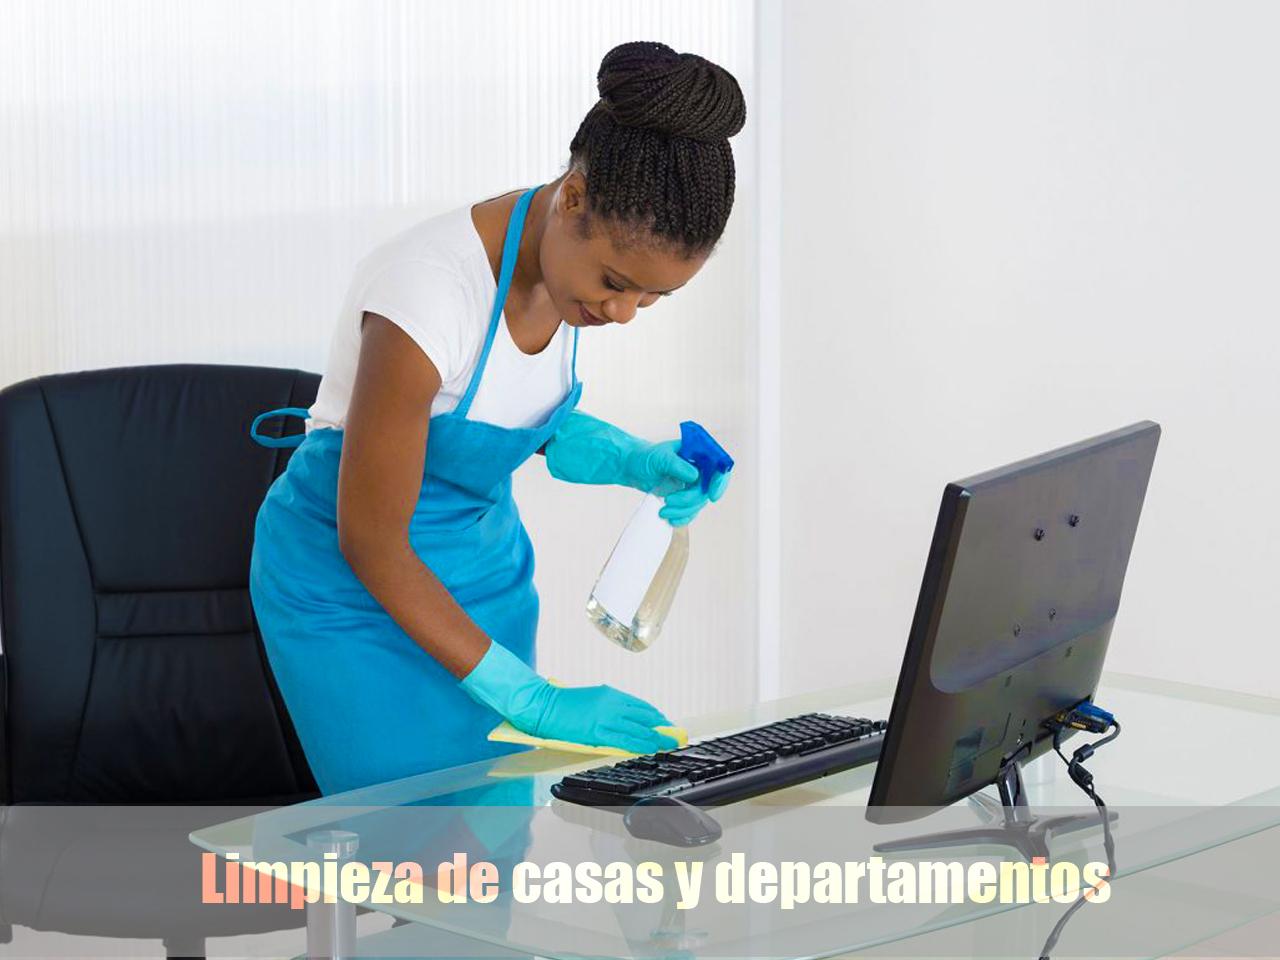 Limpieza de casas construccin casas limpieza jardinera - Limpieza de casas madrid ...